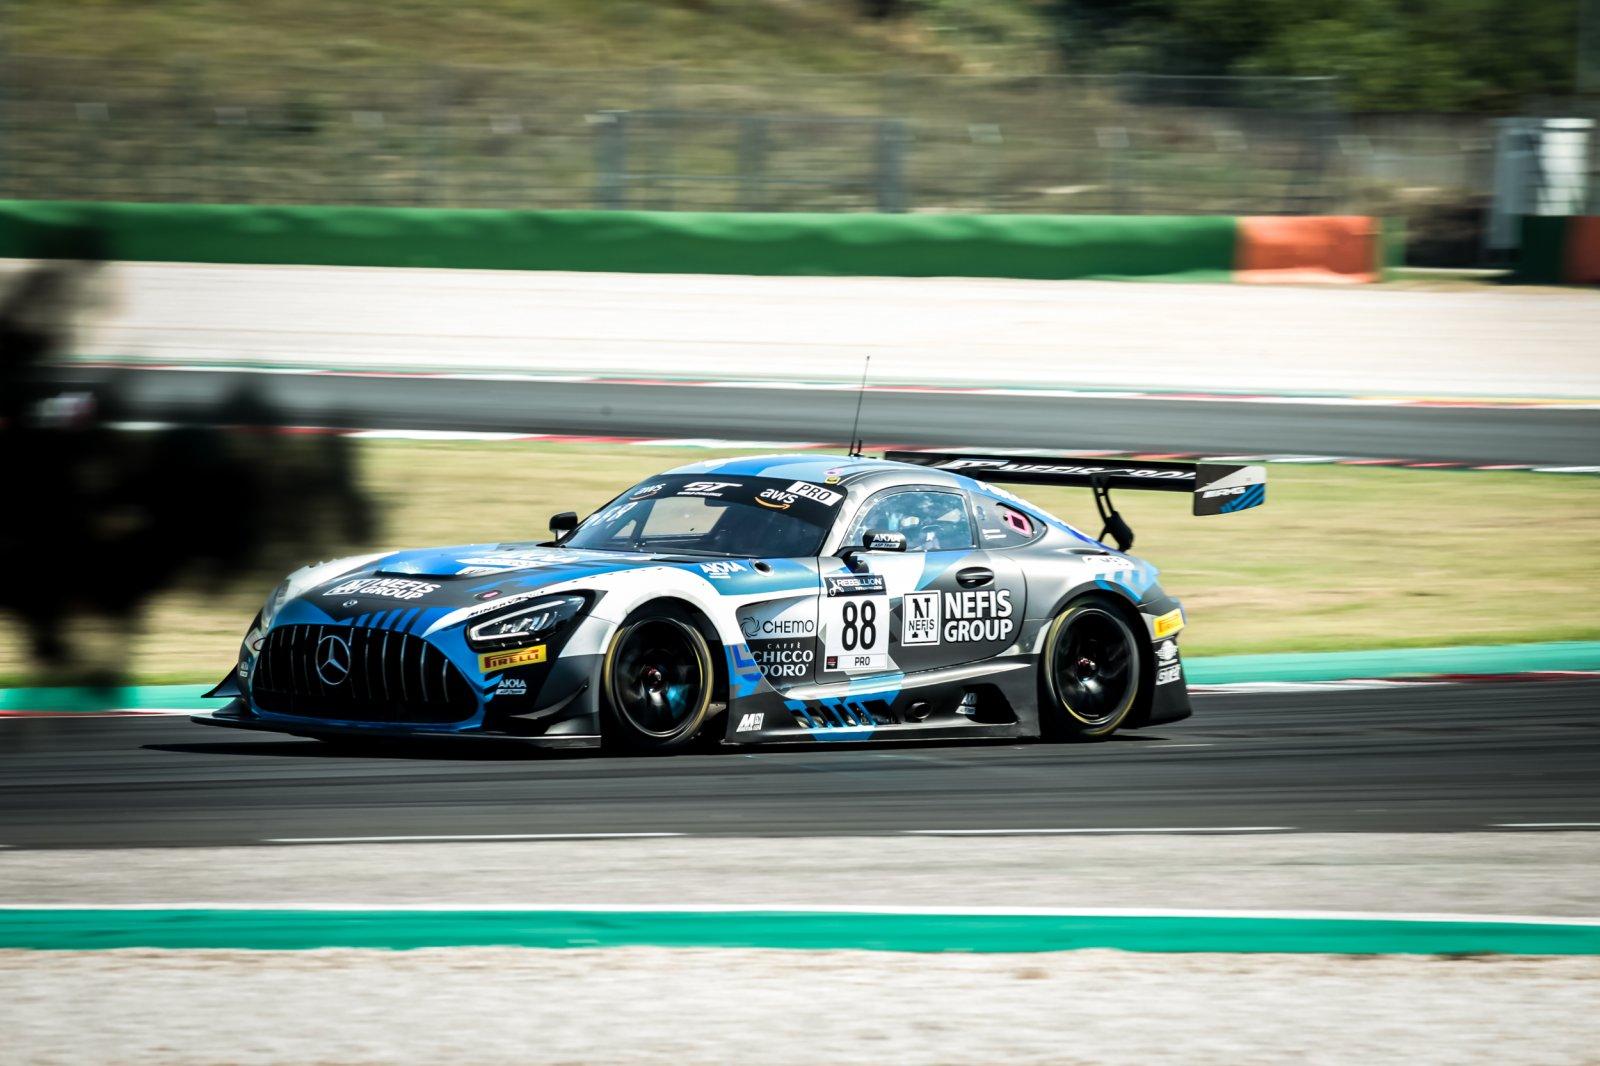 #88 AKKA ASP FRA Mercedes-AMG GT3 - Raffaele Marciello ITA Timur Boguslavskiy RUS, Race 3